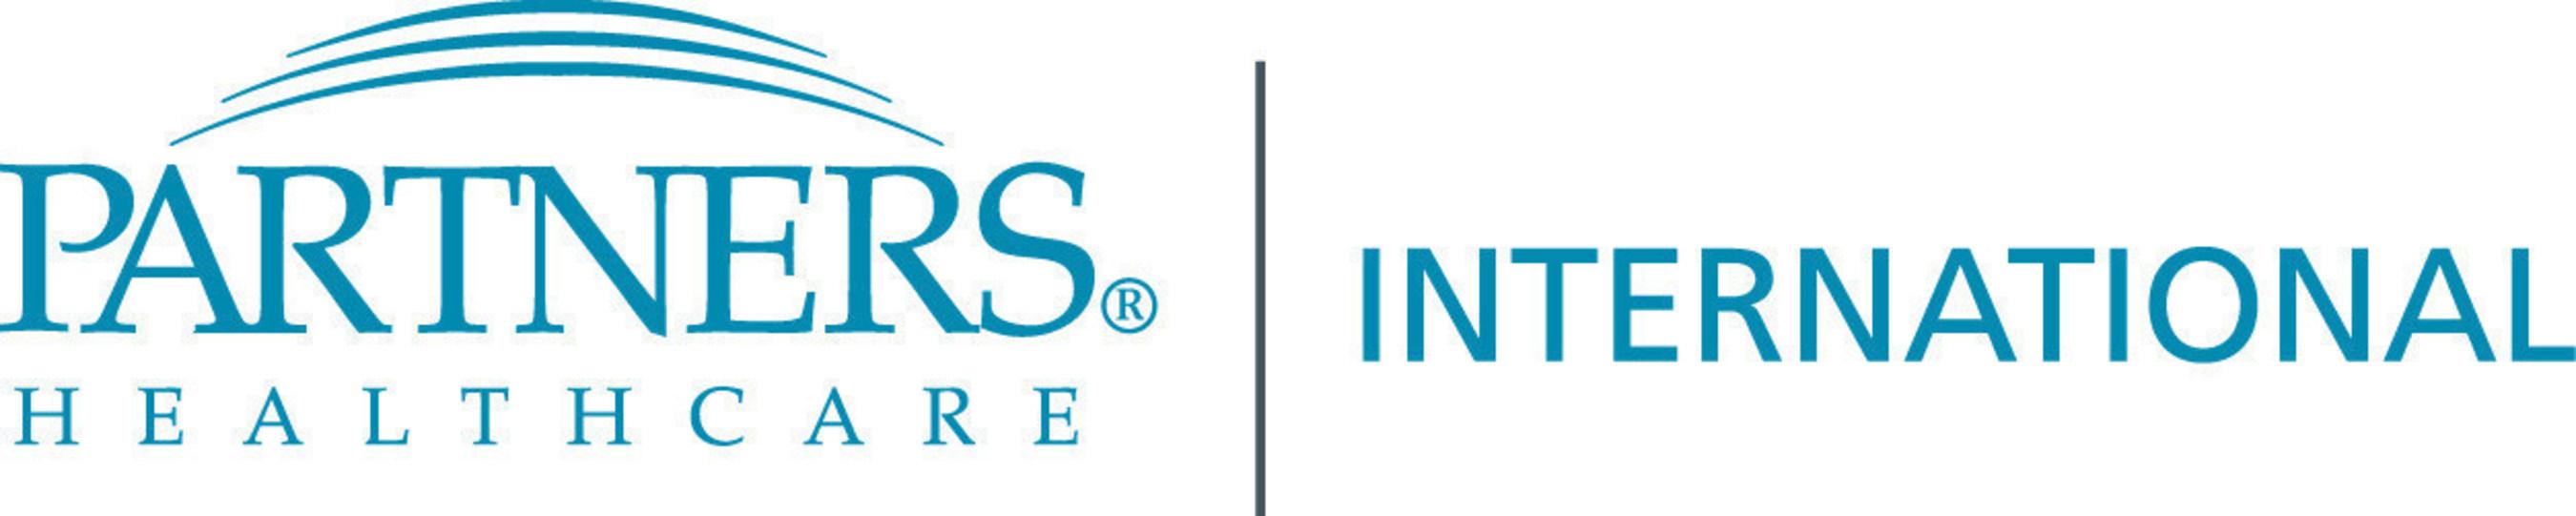 Partners HealthCare International e Vitals Global Healthcare firmano un accordo per migliorare i